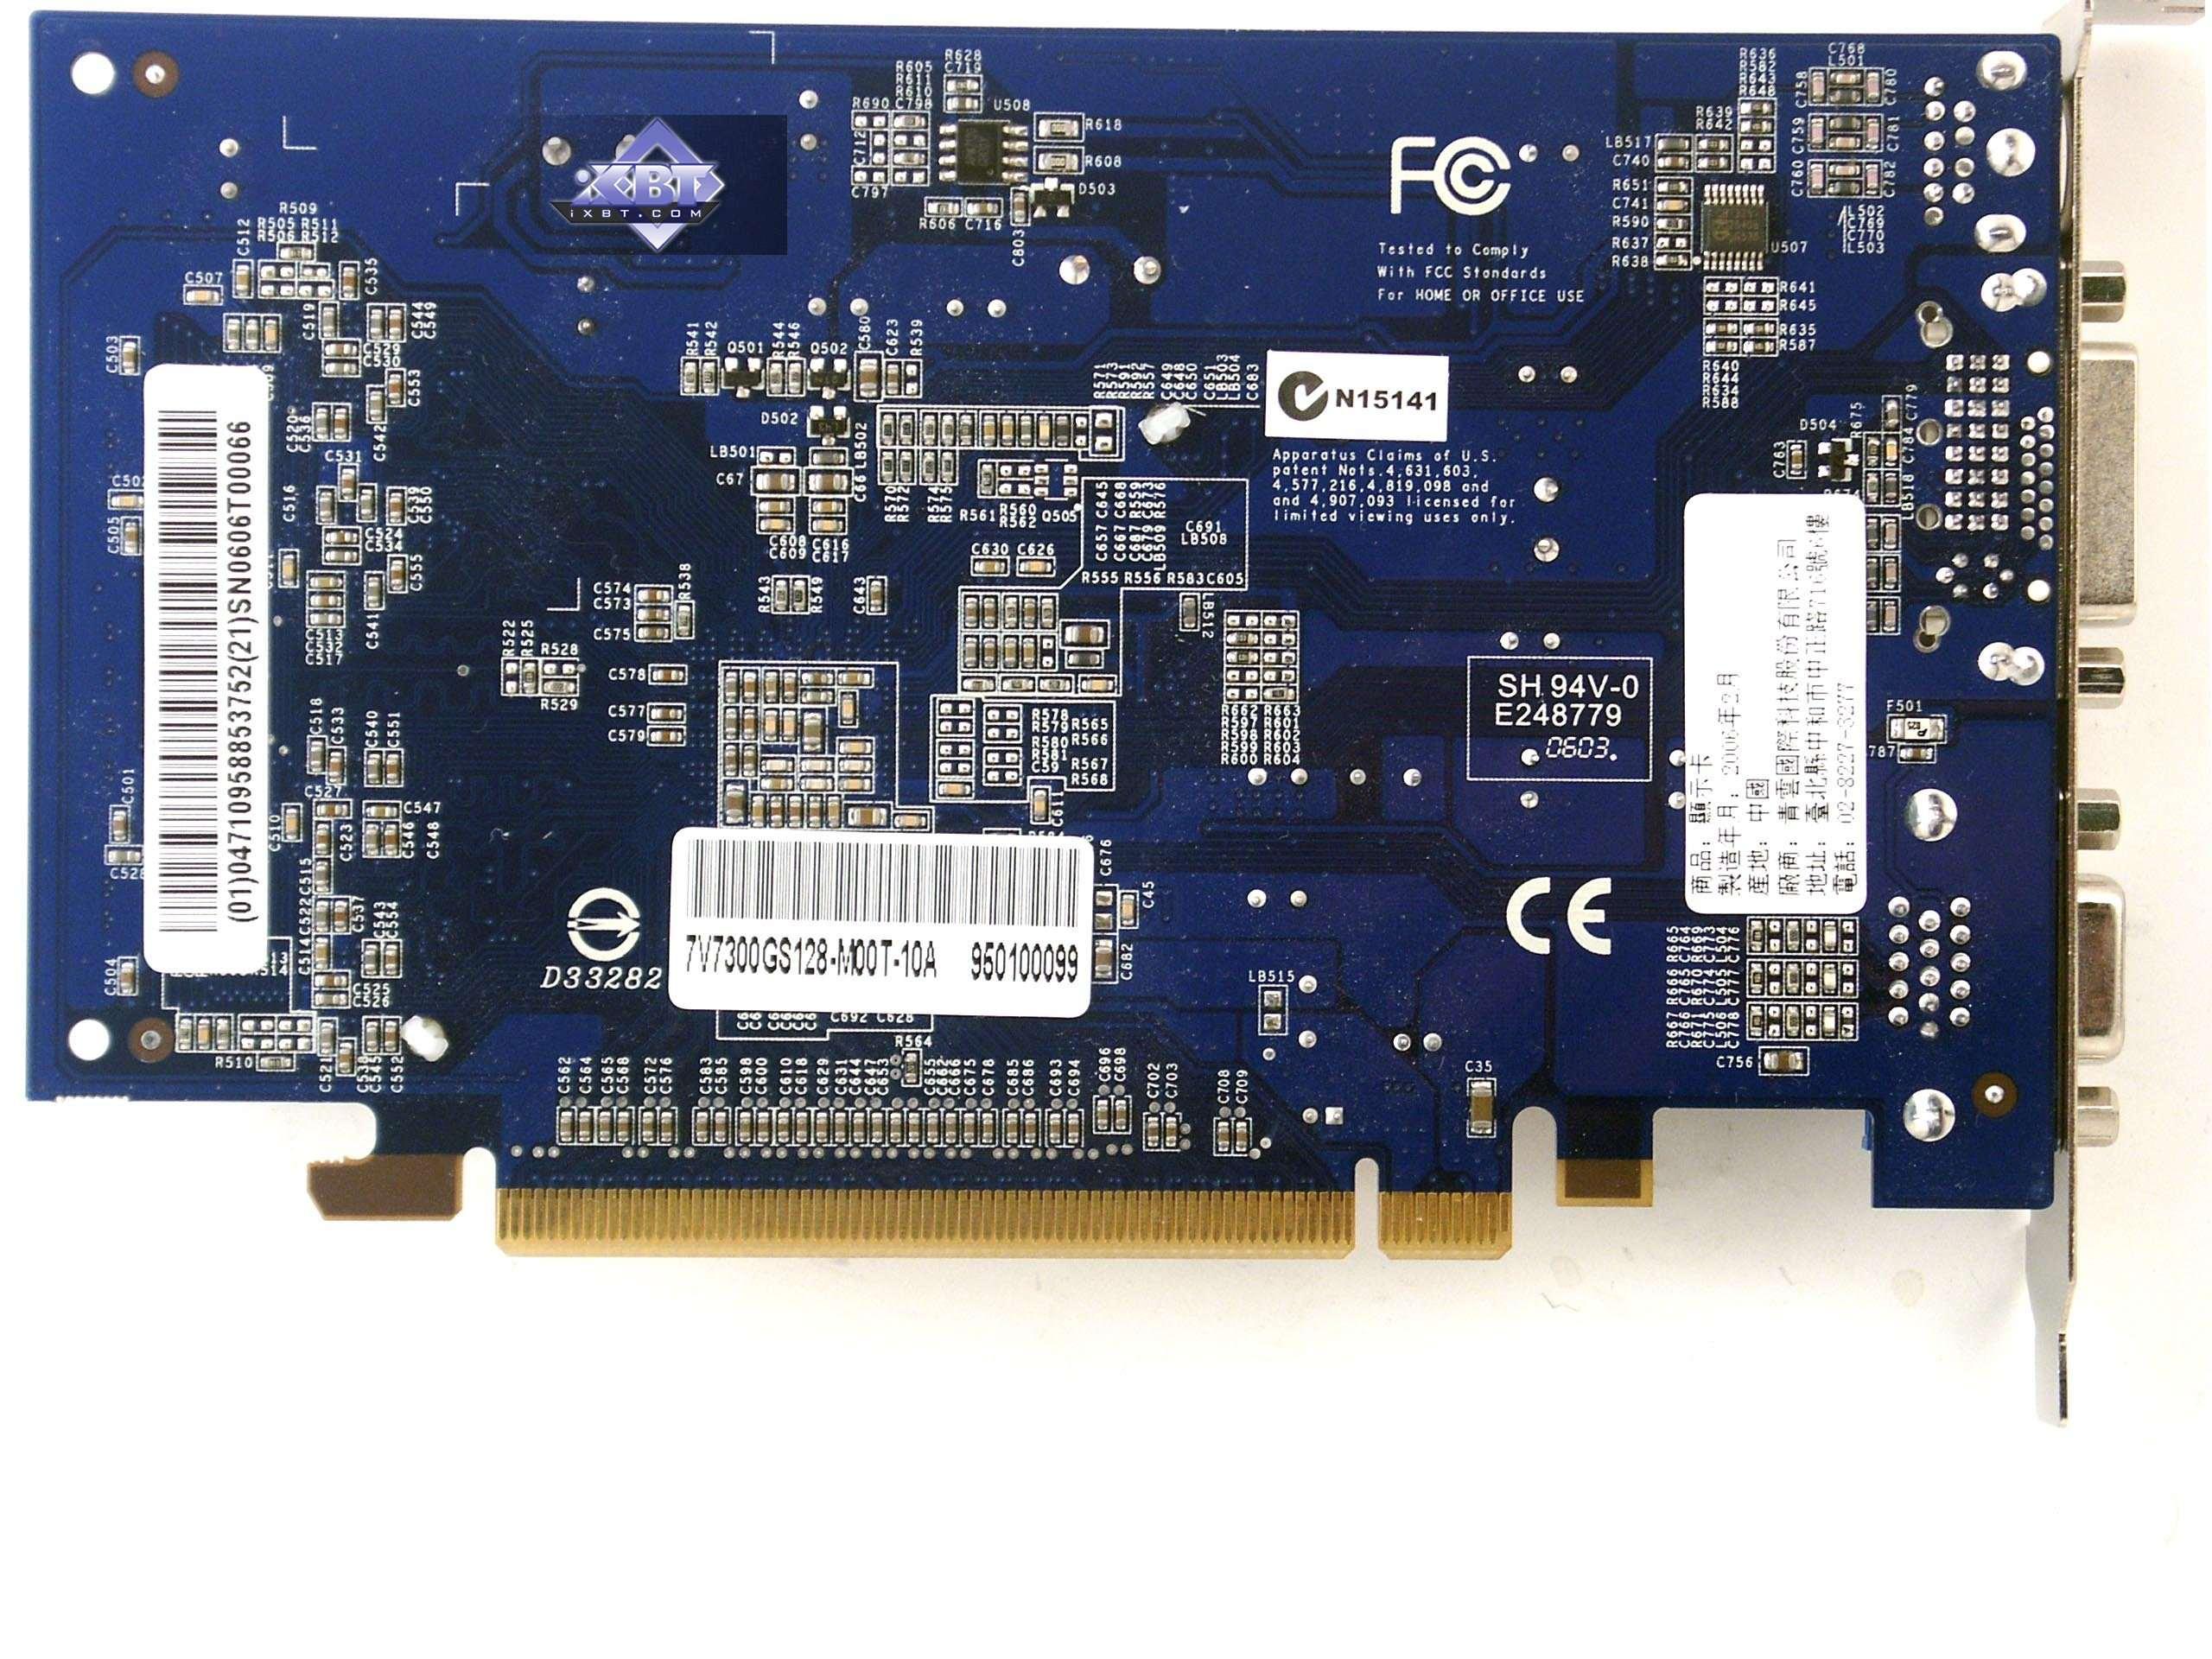 3Com EtherLink III LAN PC Card (3C589D) (Ethernet) Driver